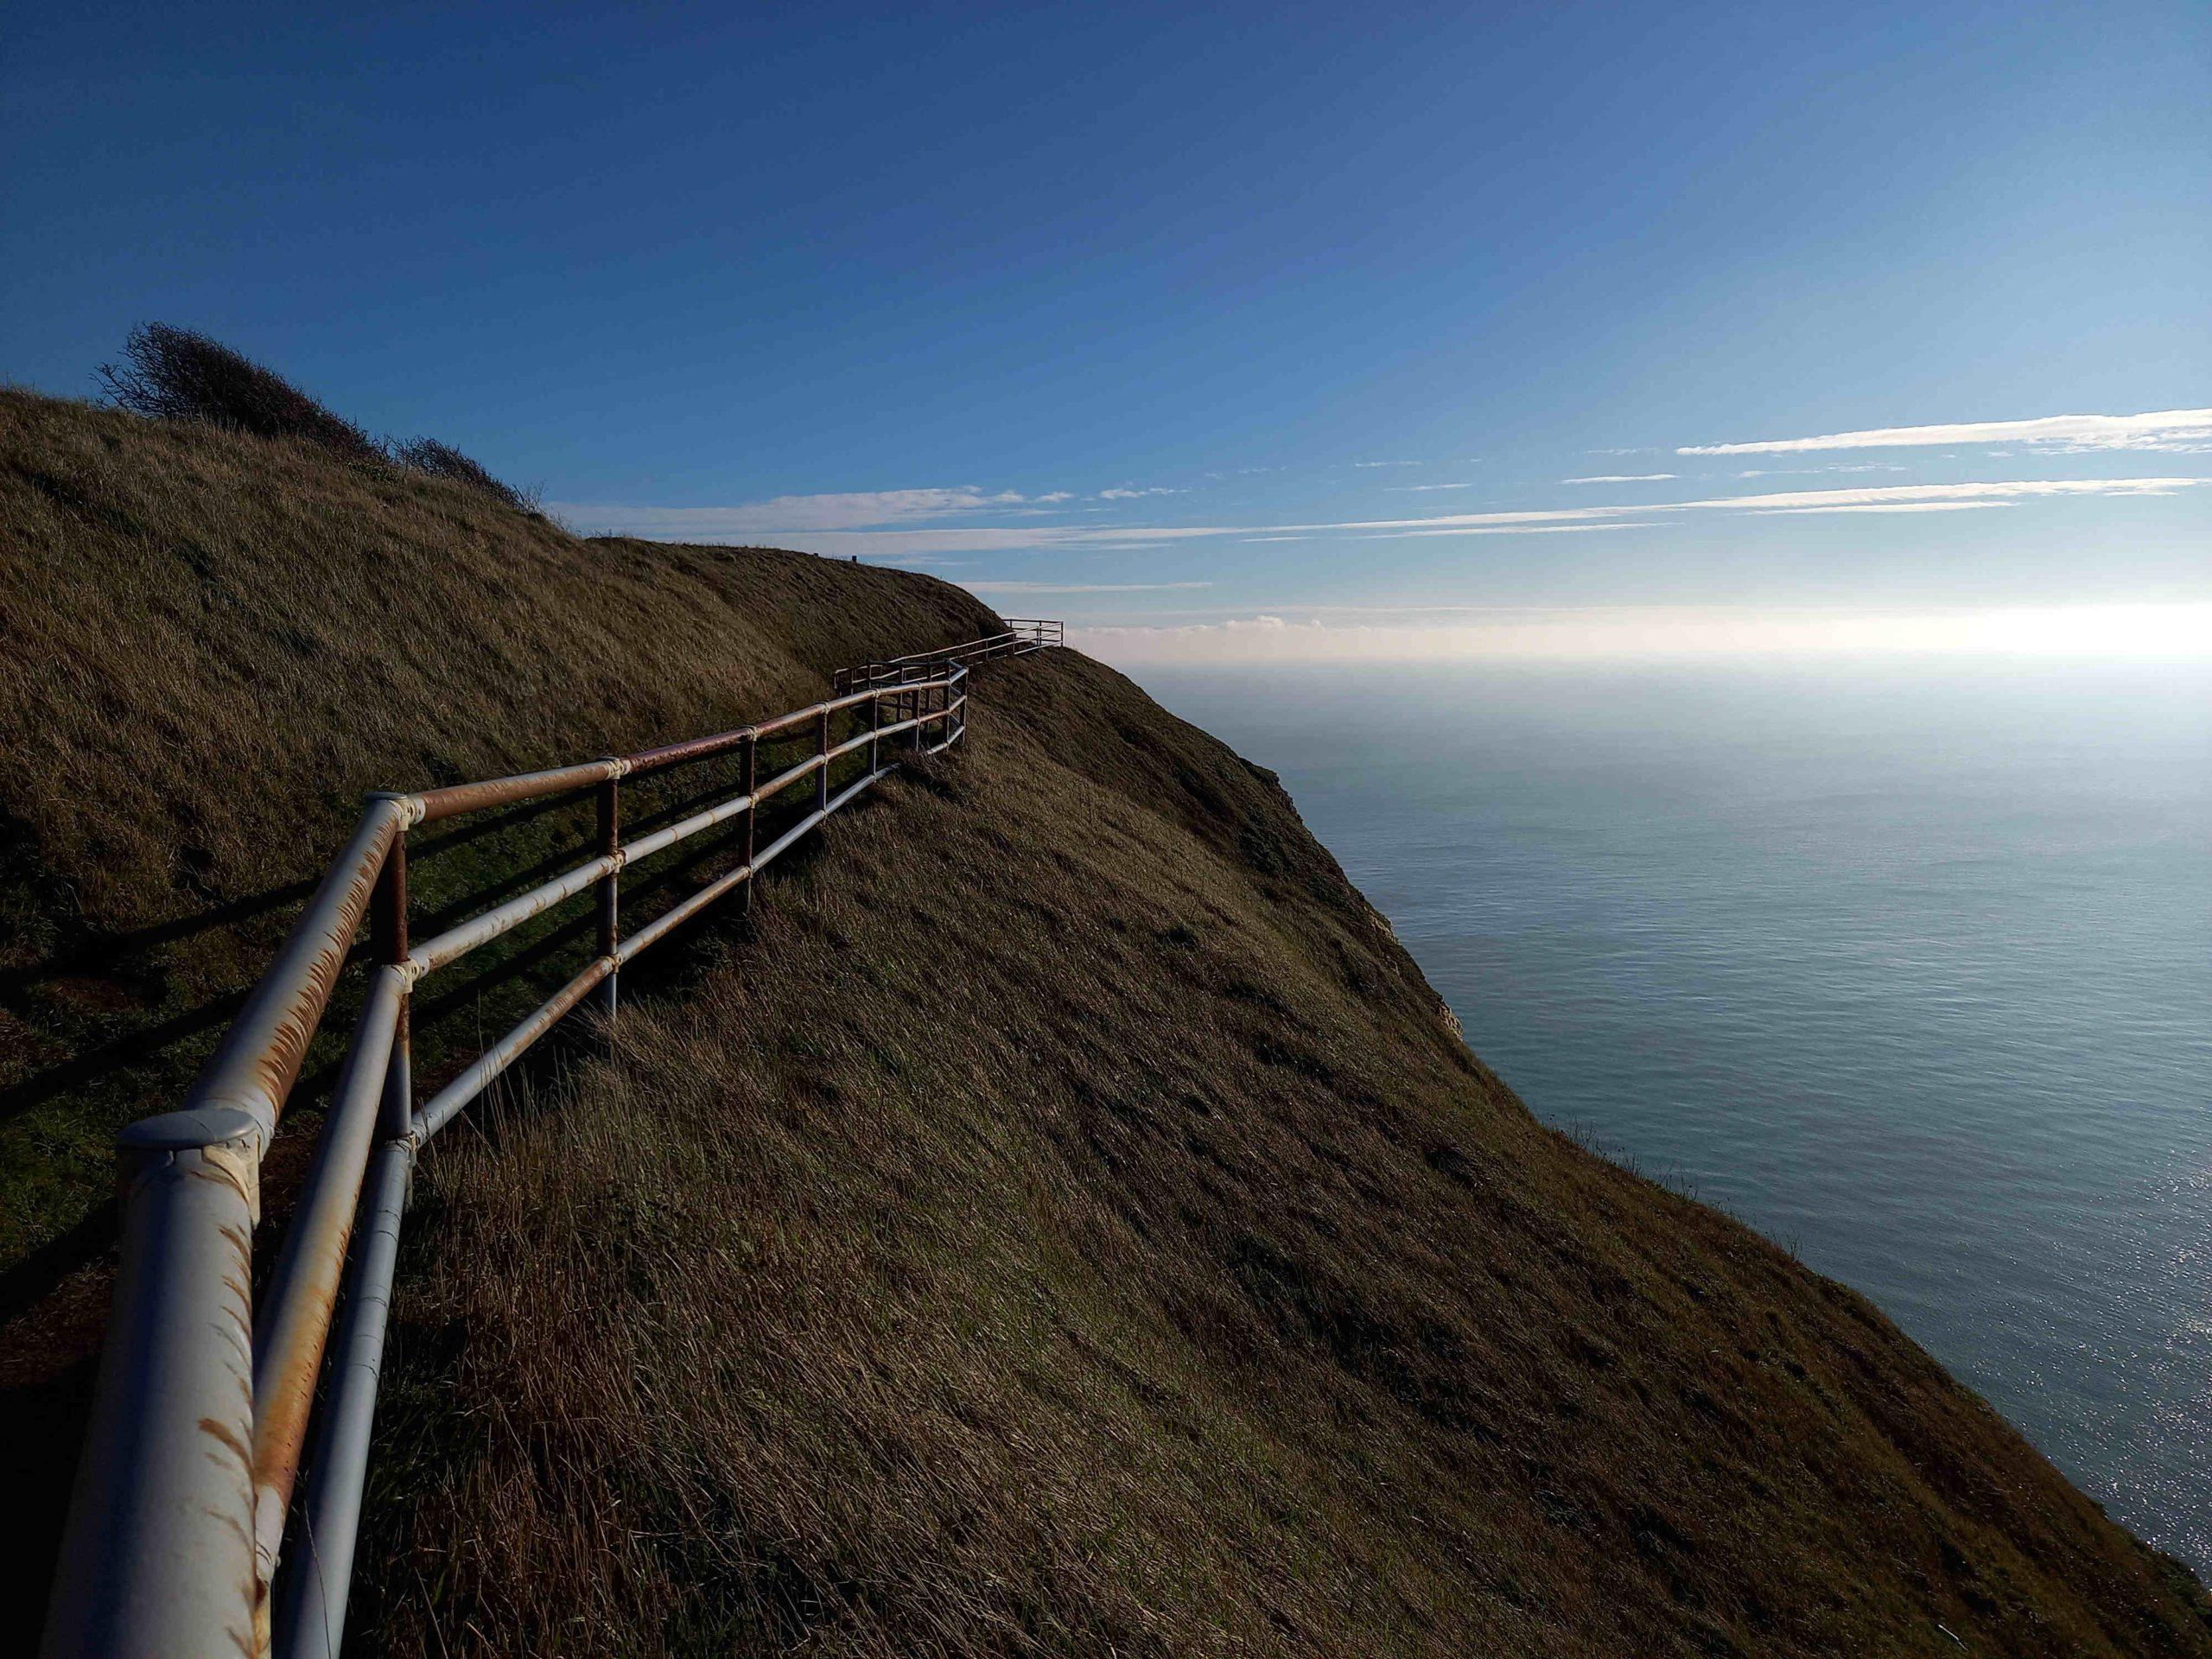 Railings on Coastal Path